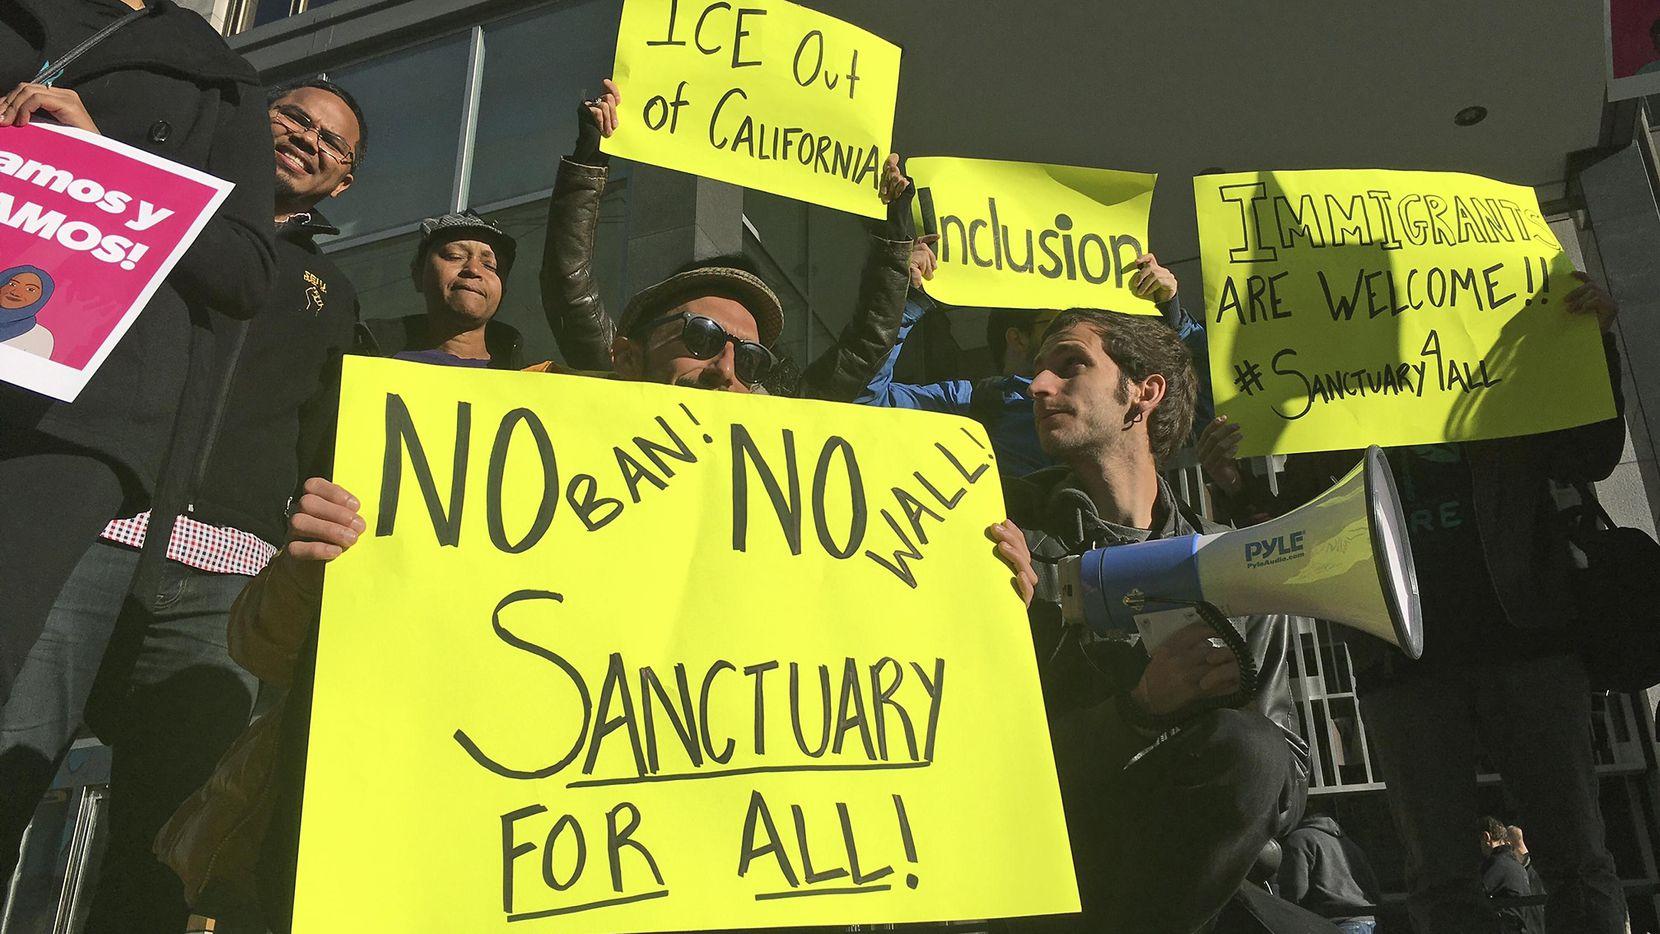 Un grupo de manifestantes mantiene carteles protestando por las restricciones a las ciudades santuarios y al muro fronterizo. (AP/Haven Daley)